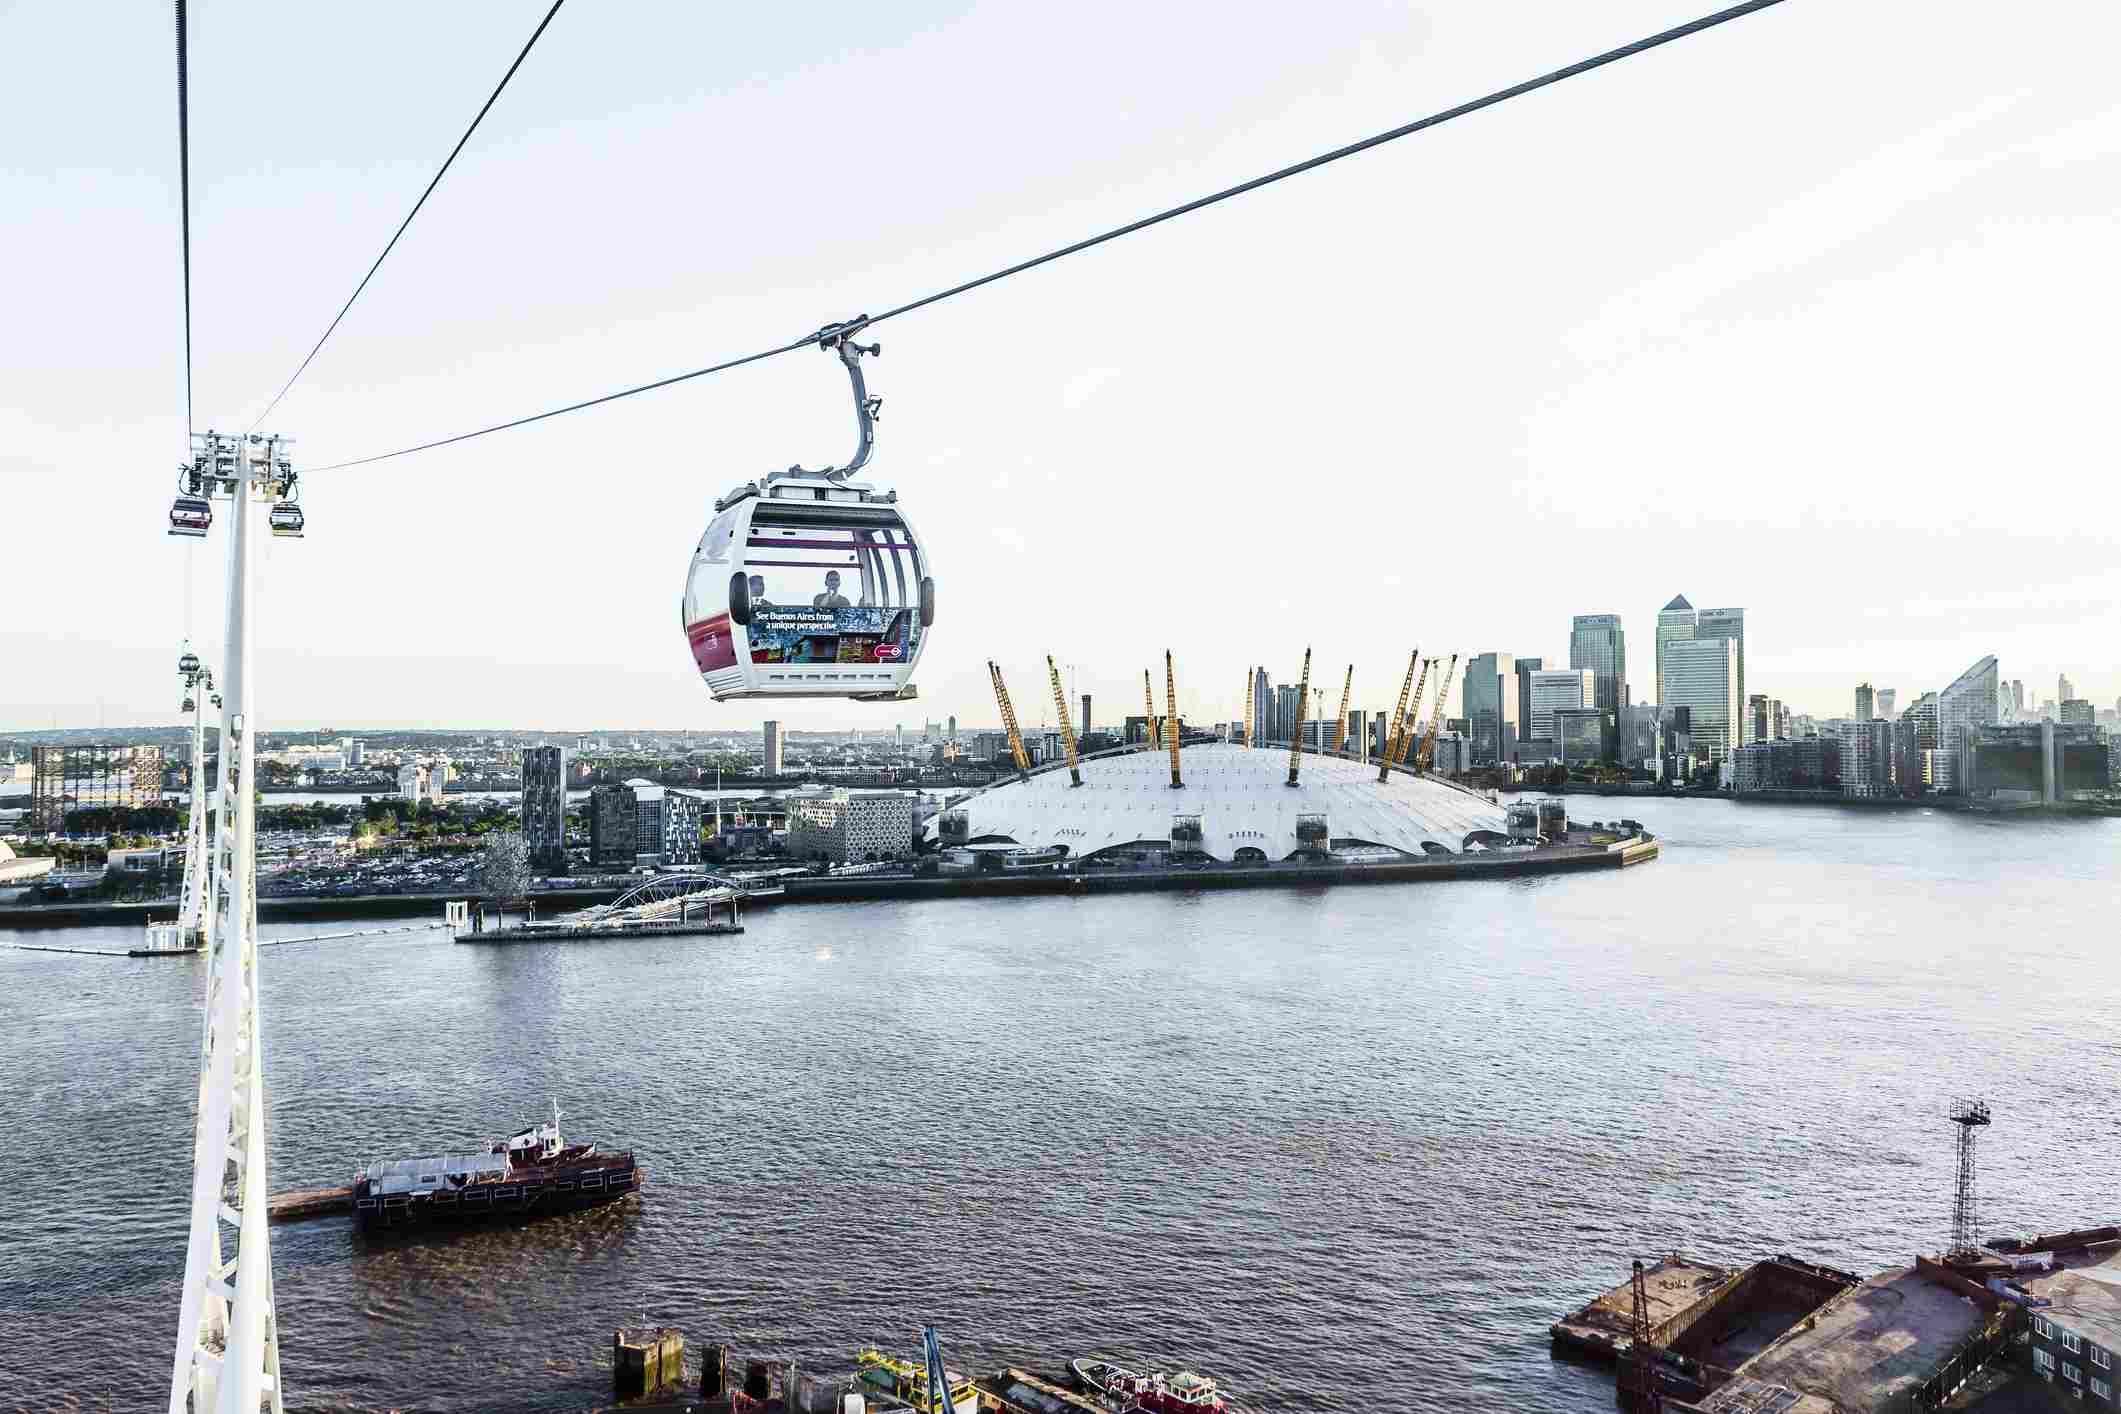 La Emirates Air Line (teleférico de Londres), el río Támesis, el Millennium Dome y, en el fondo, Canary Wharf